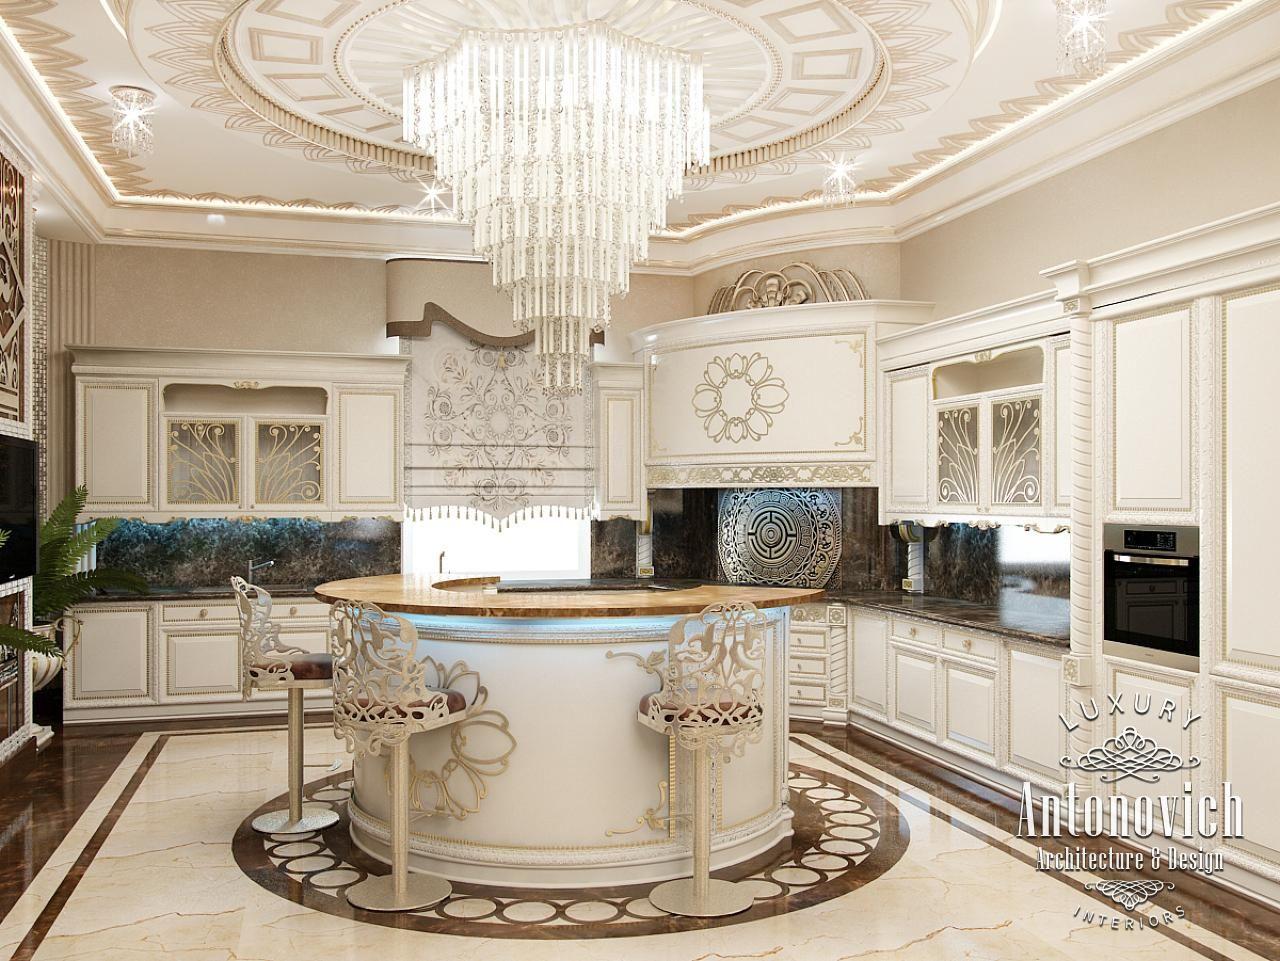 Kitchen Design in Dubai, Luxury Kitchen & Dining, Photo 1 | Дизайн ...